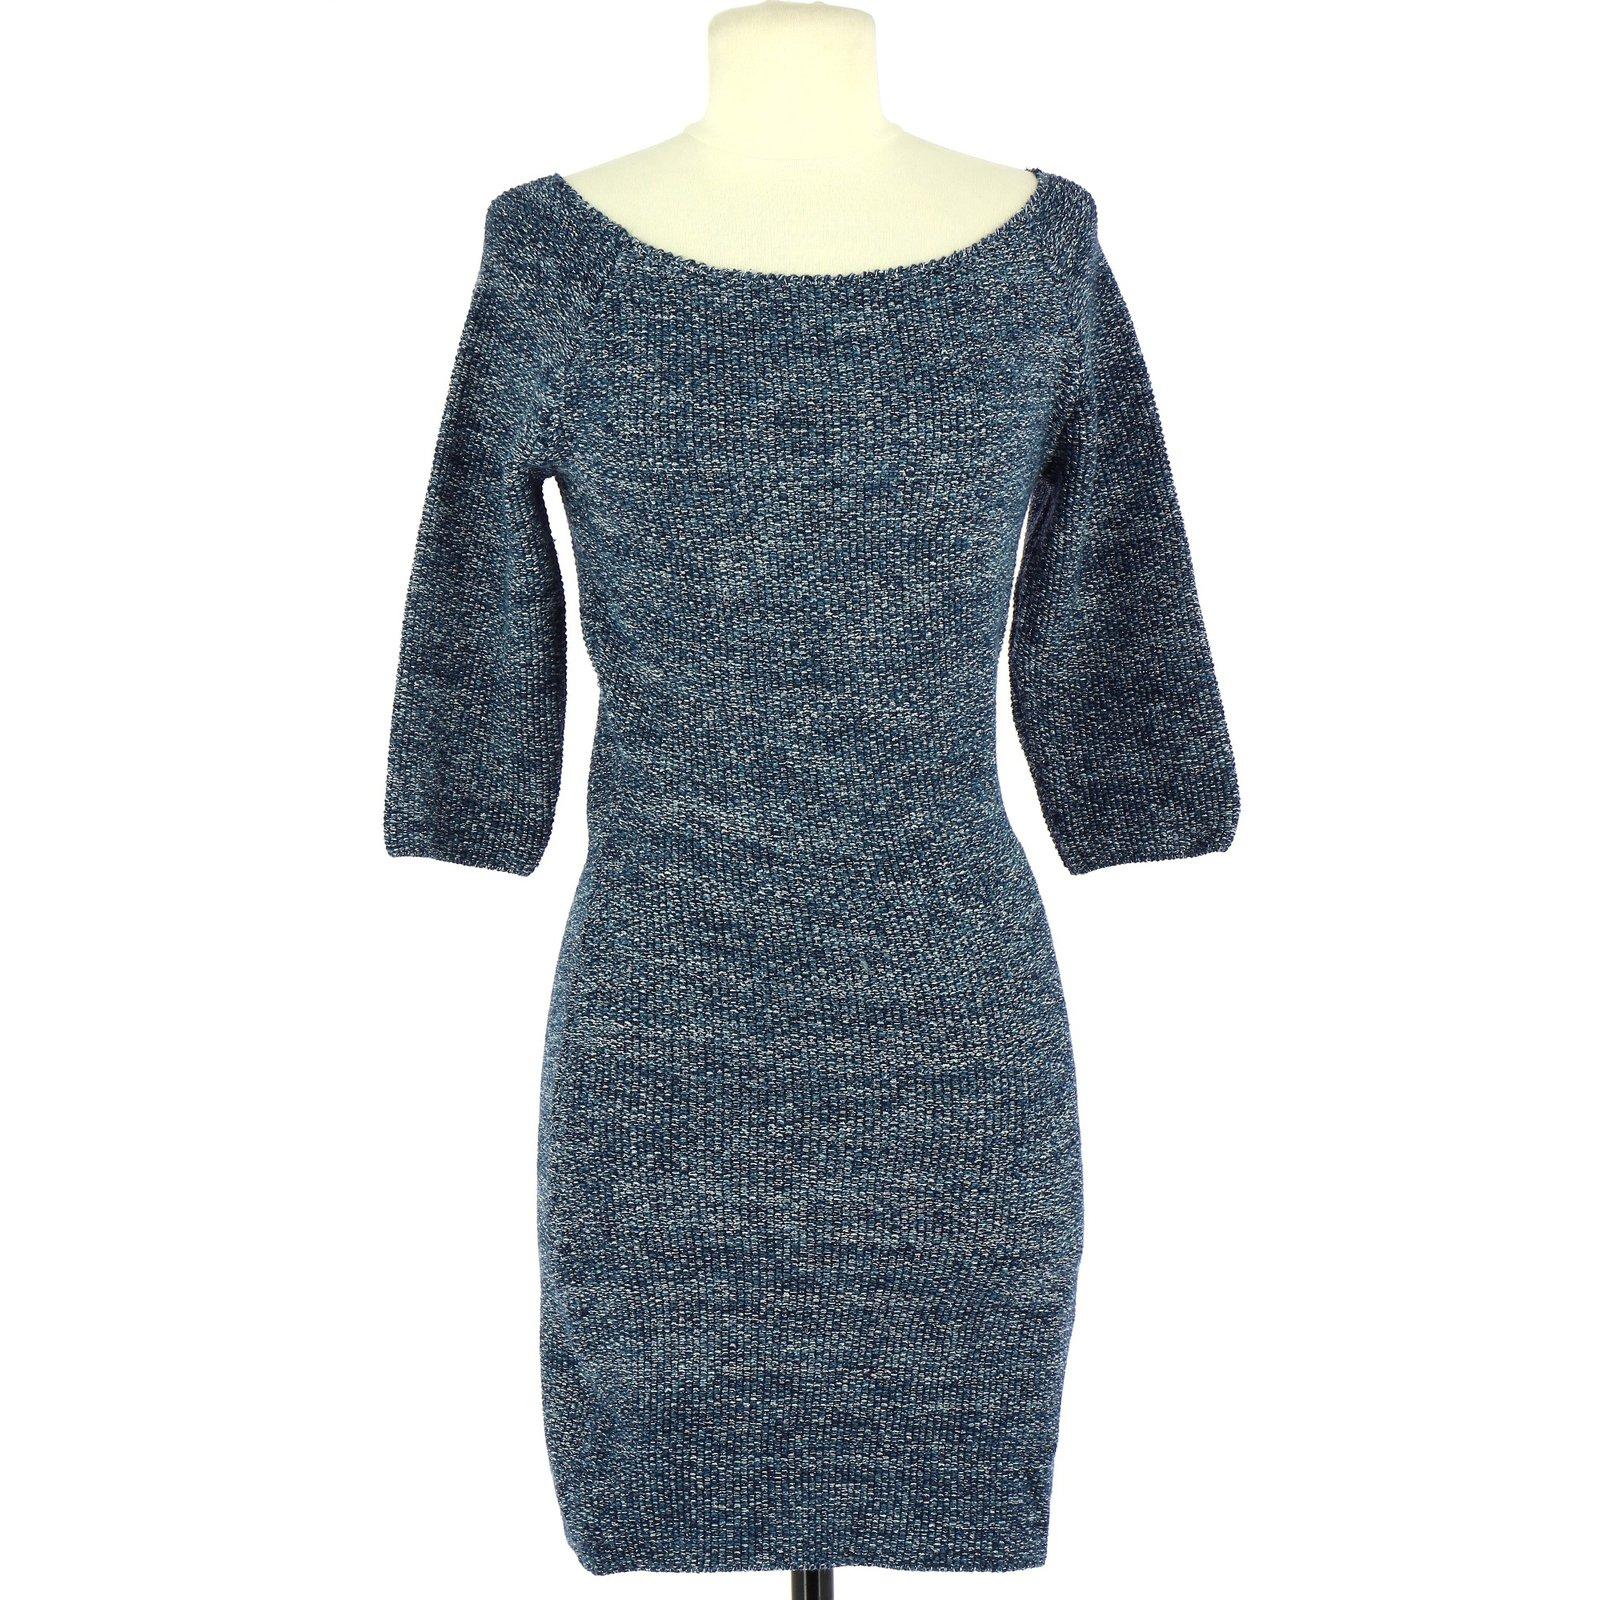 bc20acaaf6d Coton Ref Closet Bleu Robe Maje 68030 Robes Joli wEgFq1An